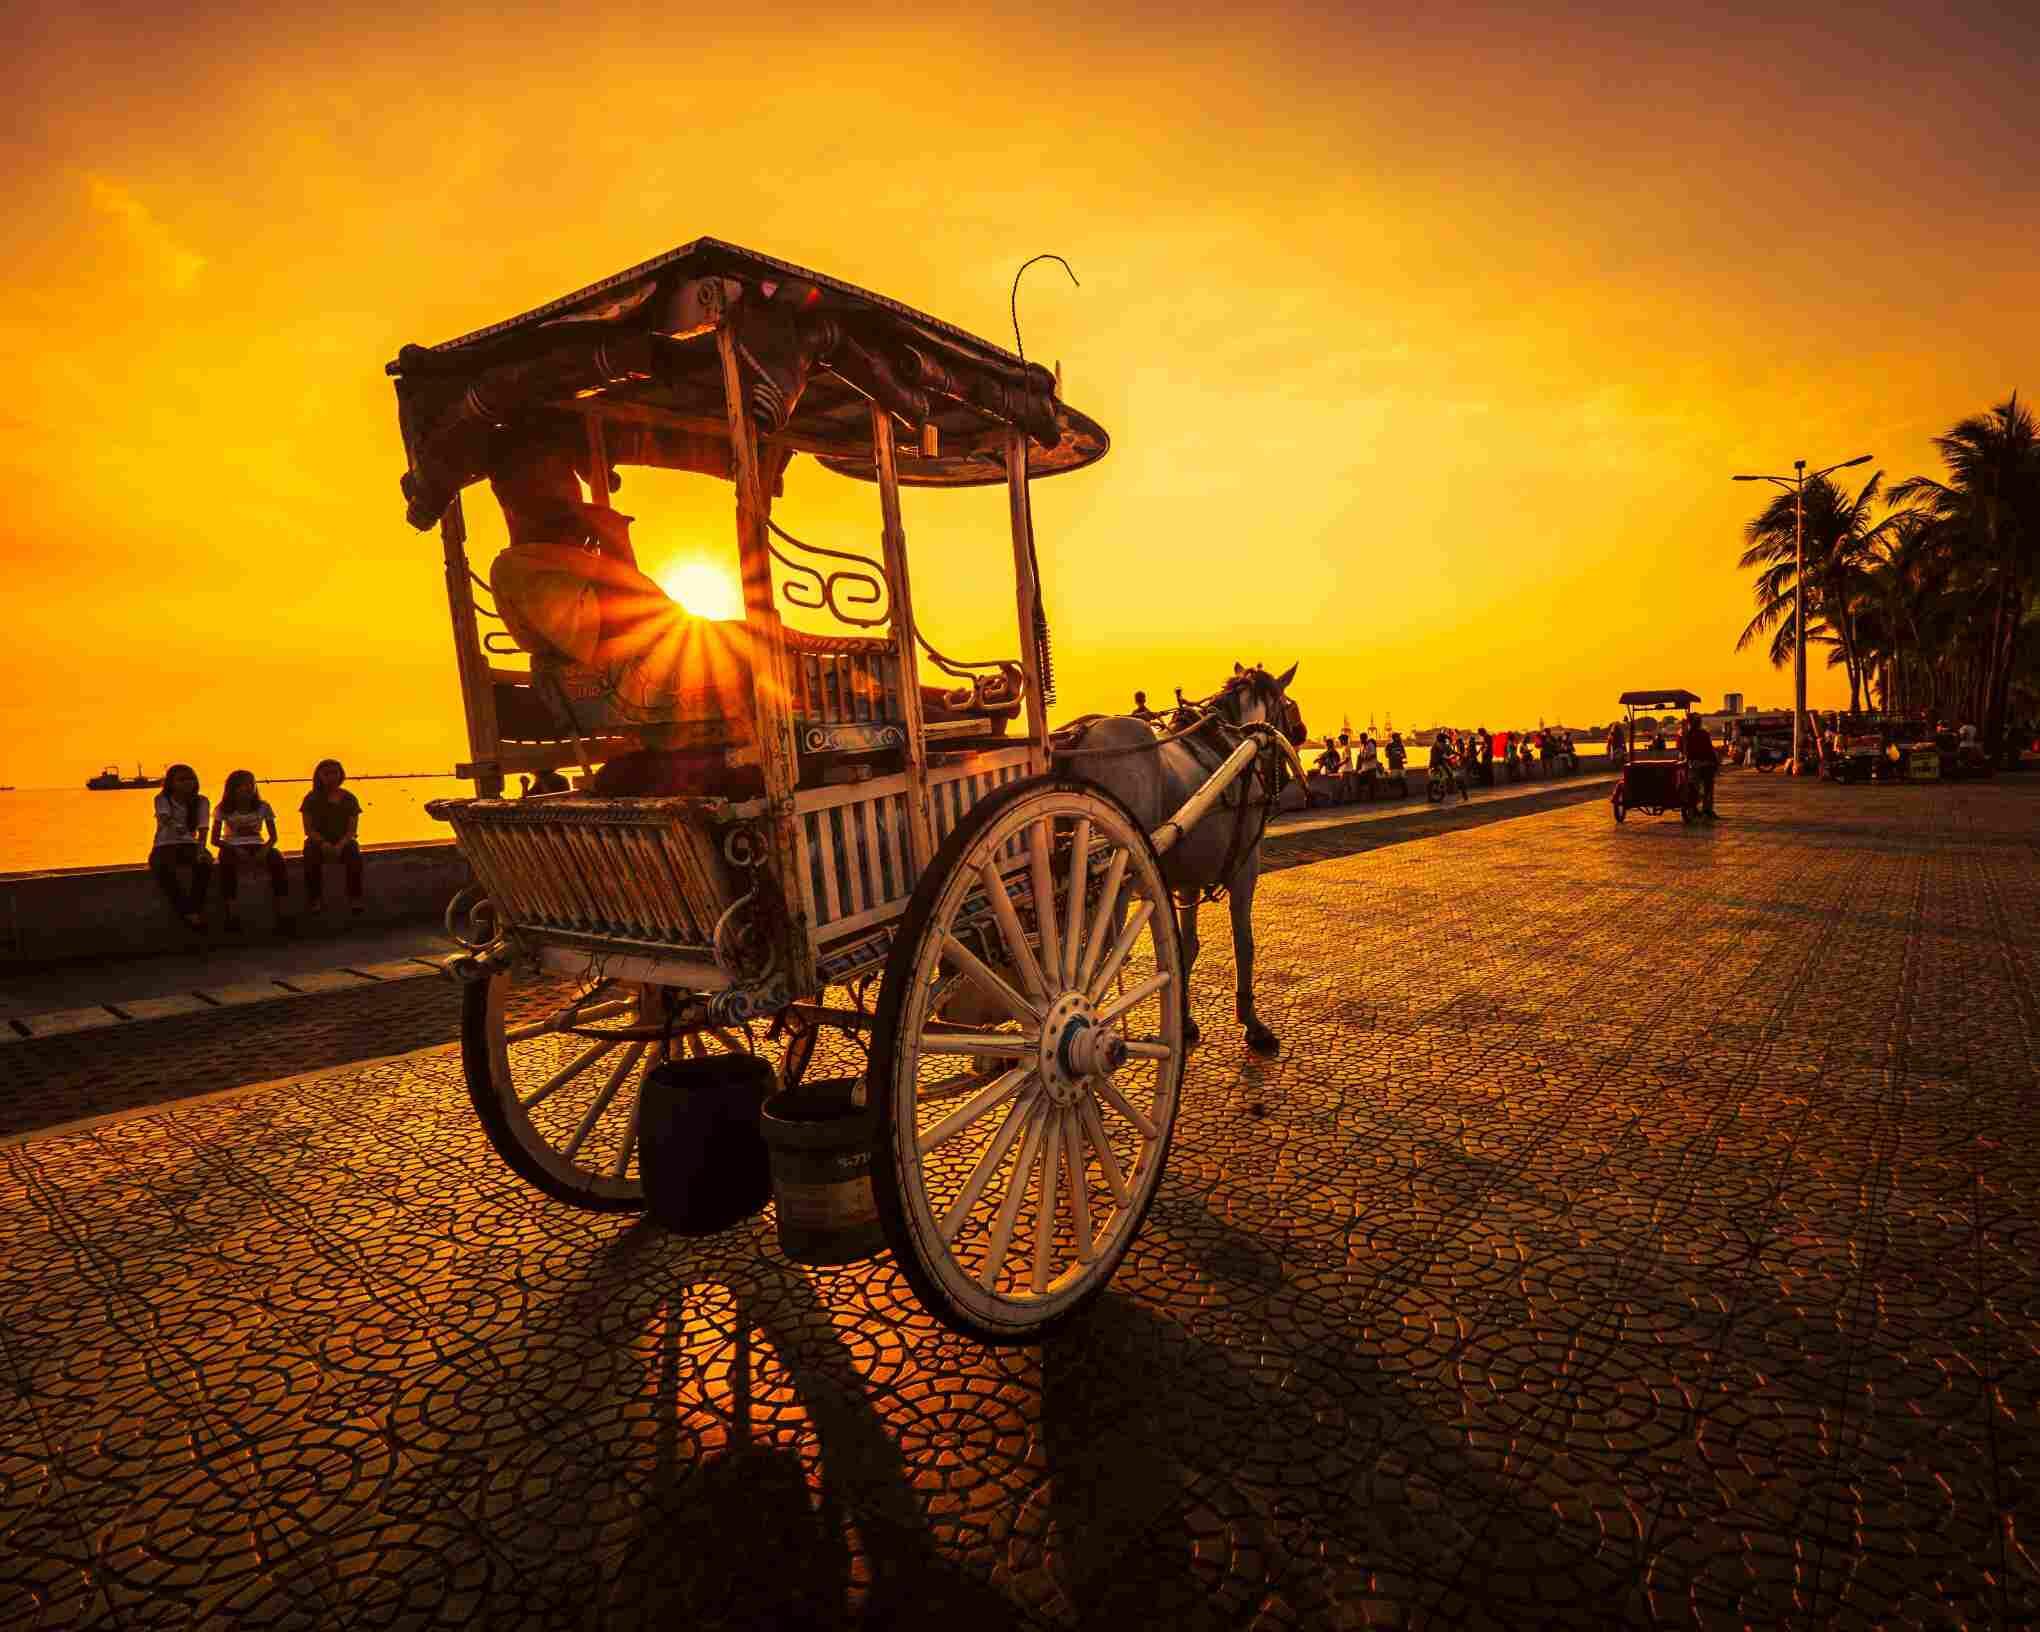 Calesa (horse-drawn cart) in Manila, Philippines